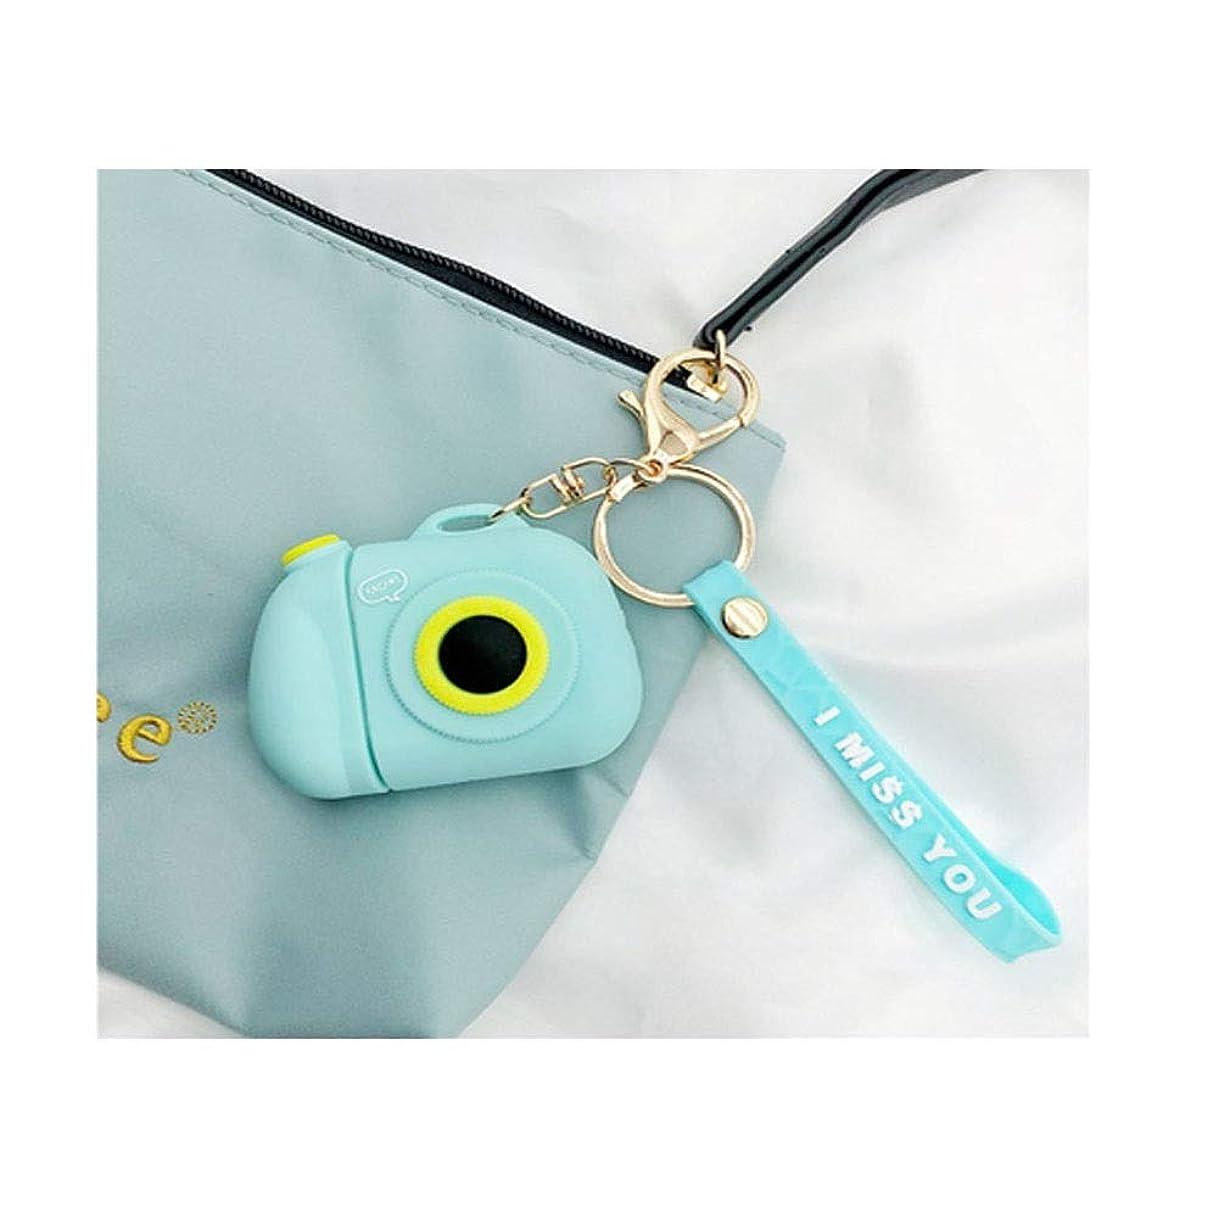 宿思いやりコールドHongyunshanghang001 ヘッドホンカバー、かわいいカメラスタイルのデザイン、使いやすい、ヘッドホンなし(黒、緑、ピンク、赤) 通気性 (Color : ピンク)